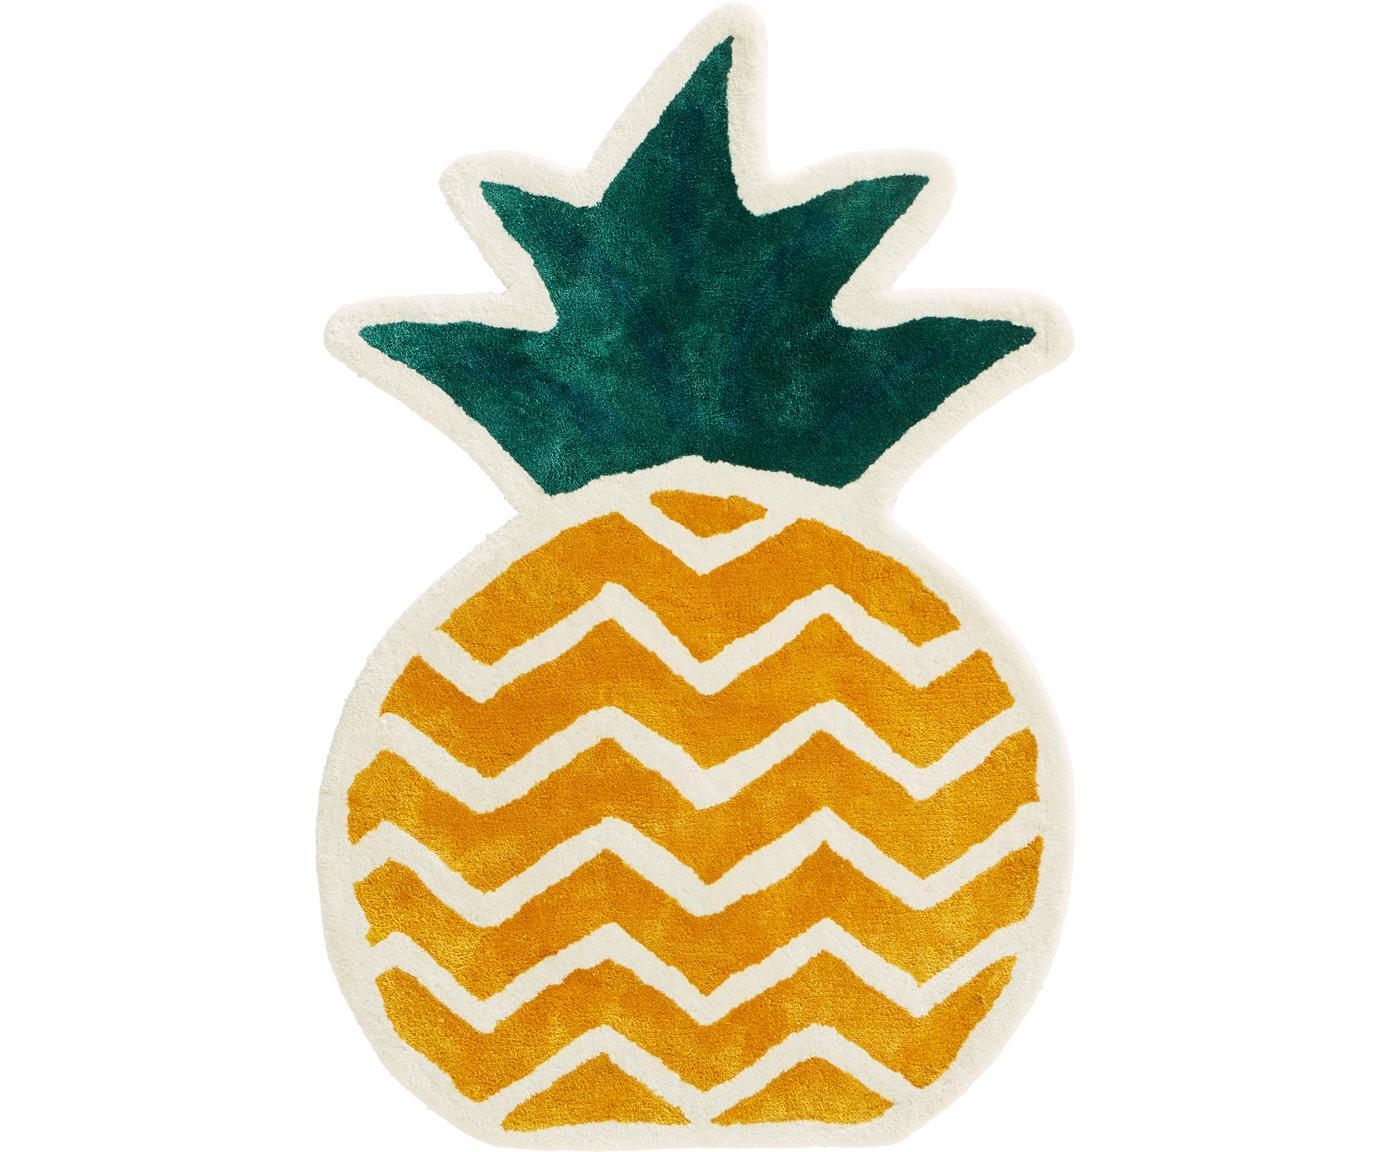 Dywan Pineapple, Wiskoza, Żółty, zielony, kremowobiały, S 60 x D 90 cm